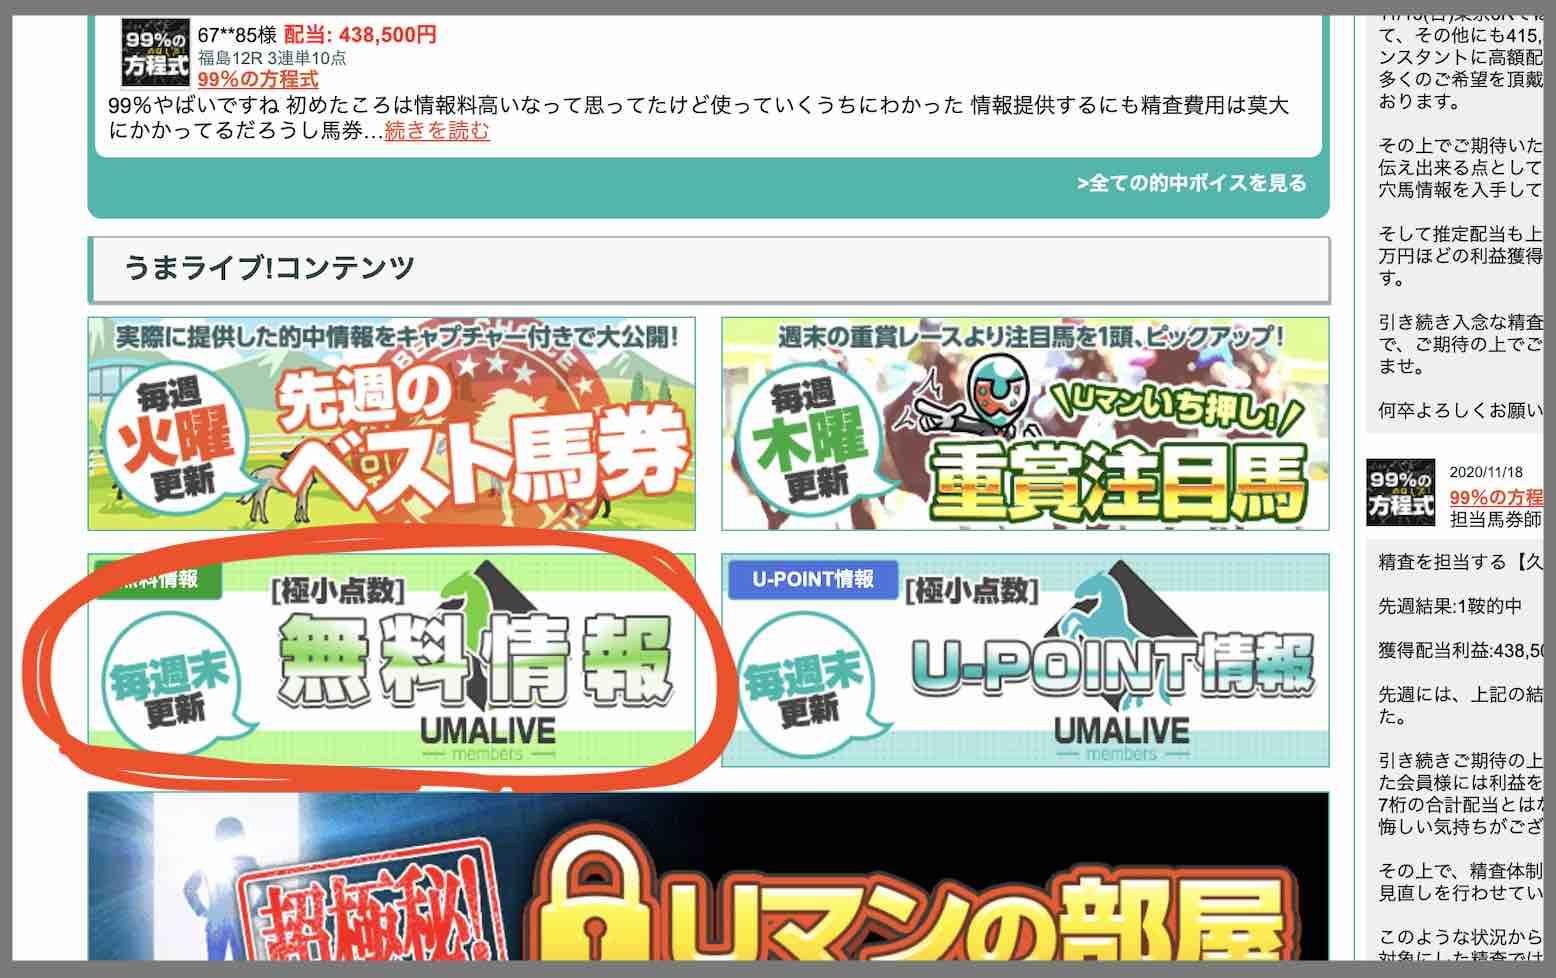 うまライブという競馬予想サイトの無料予想(無料情報)を確認する